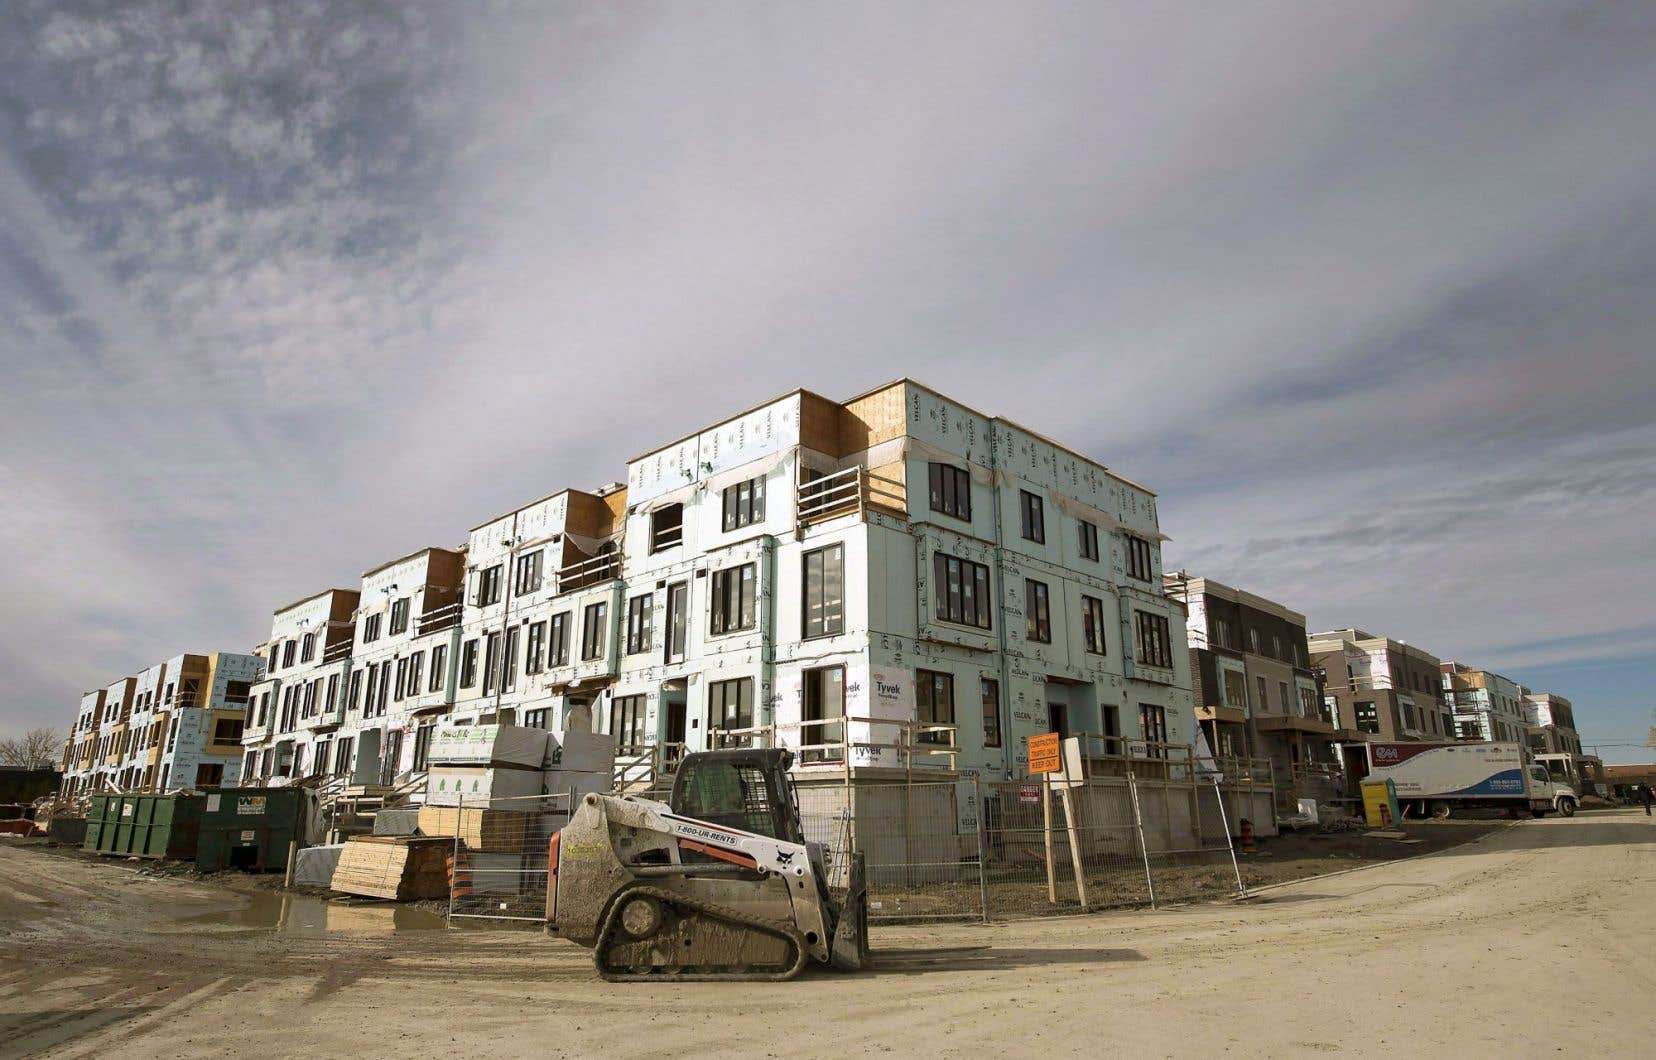 Maisons de ville en construction dans la région de Toronto